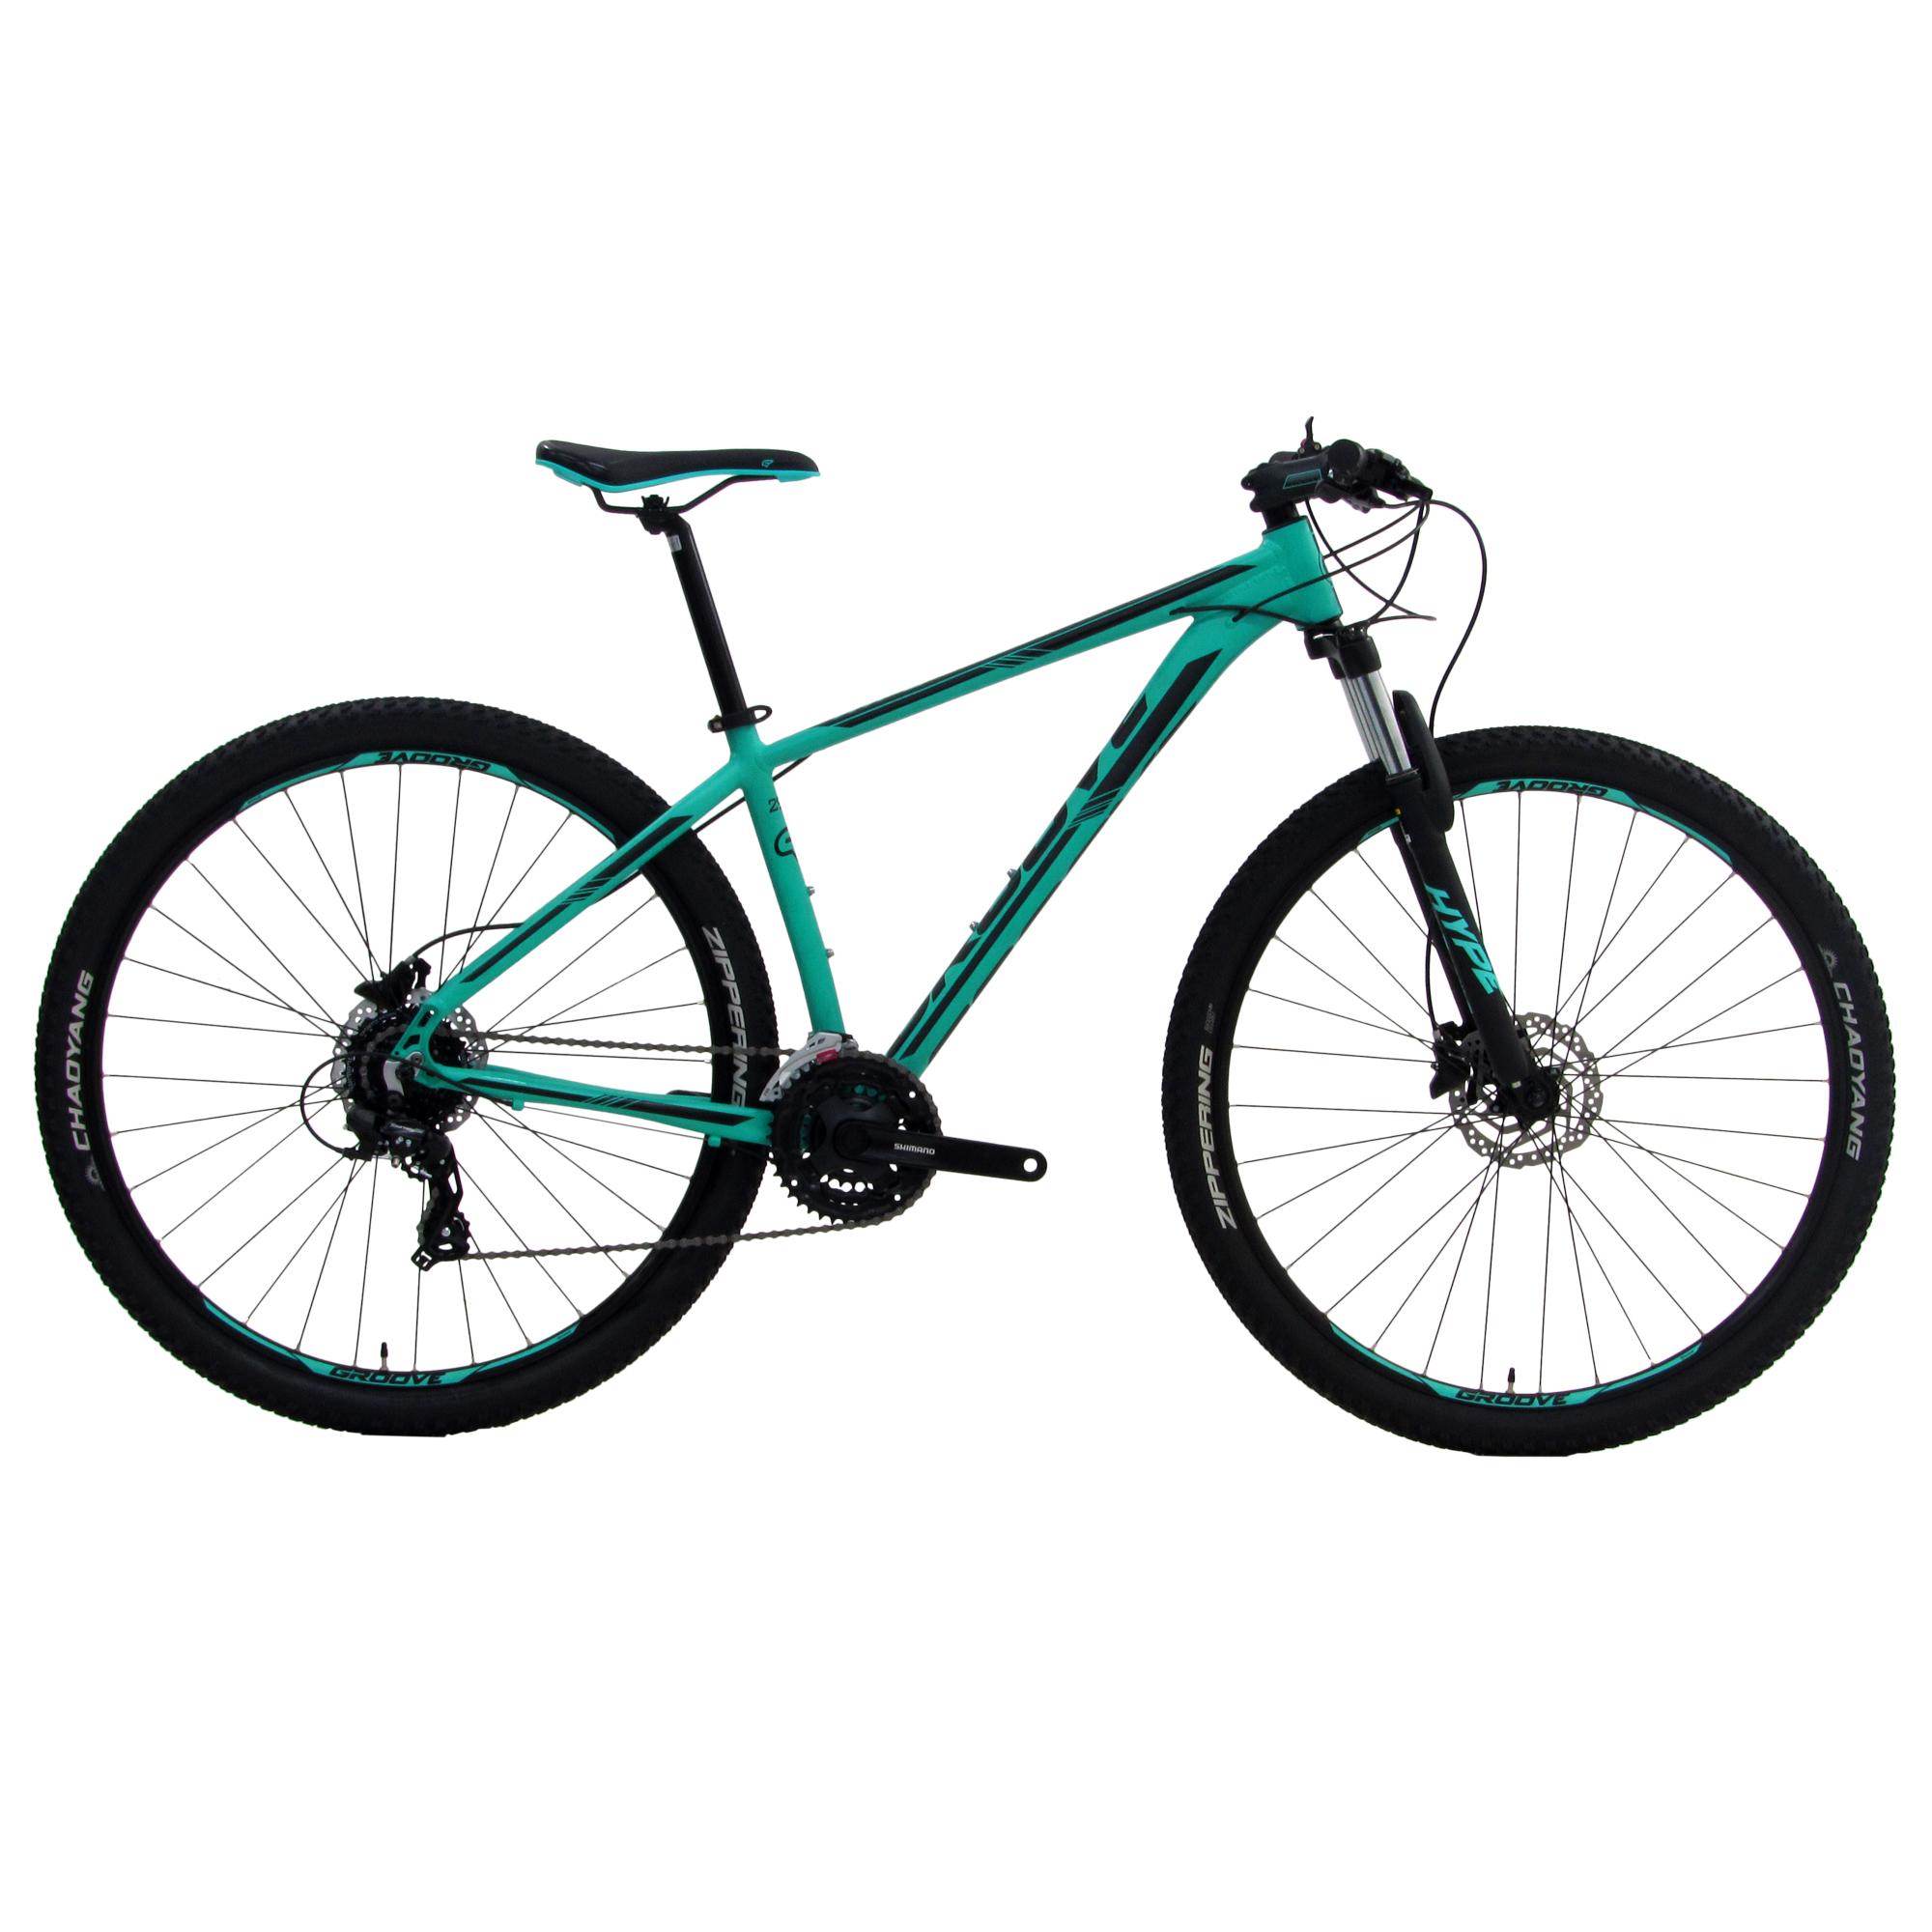 Bicicleta-Groove-Hype-50-01